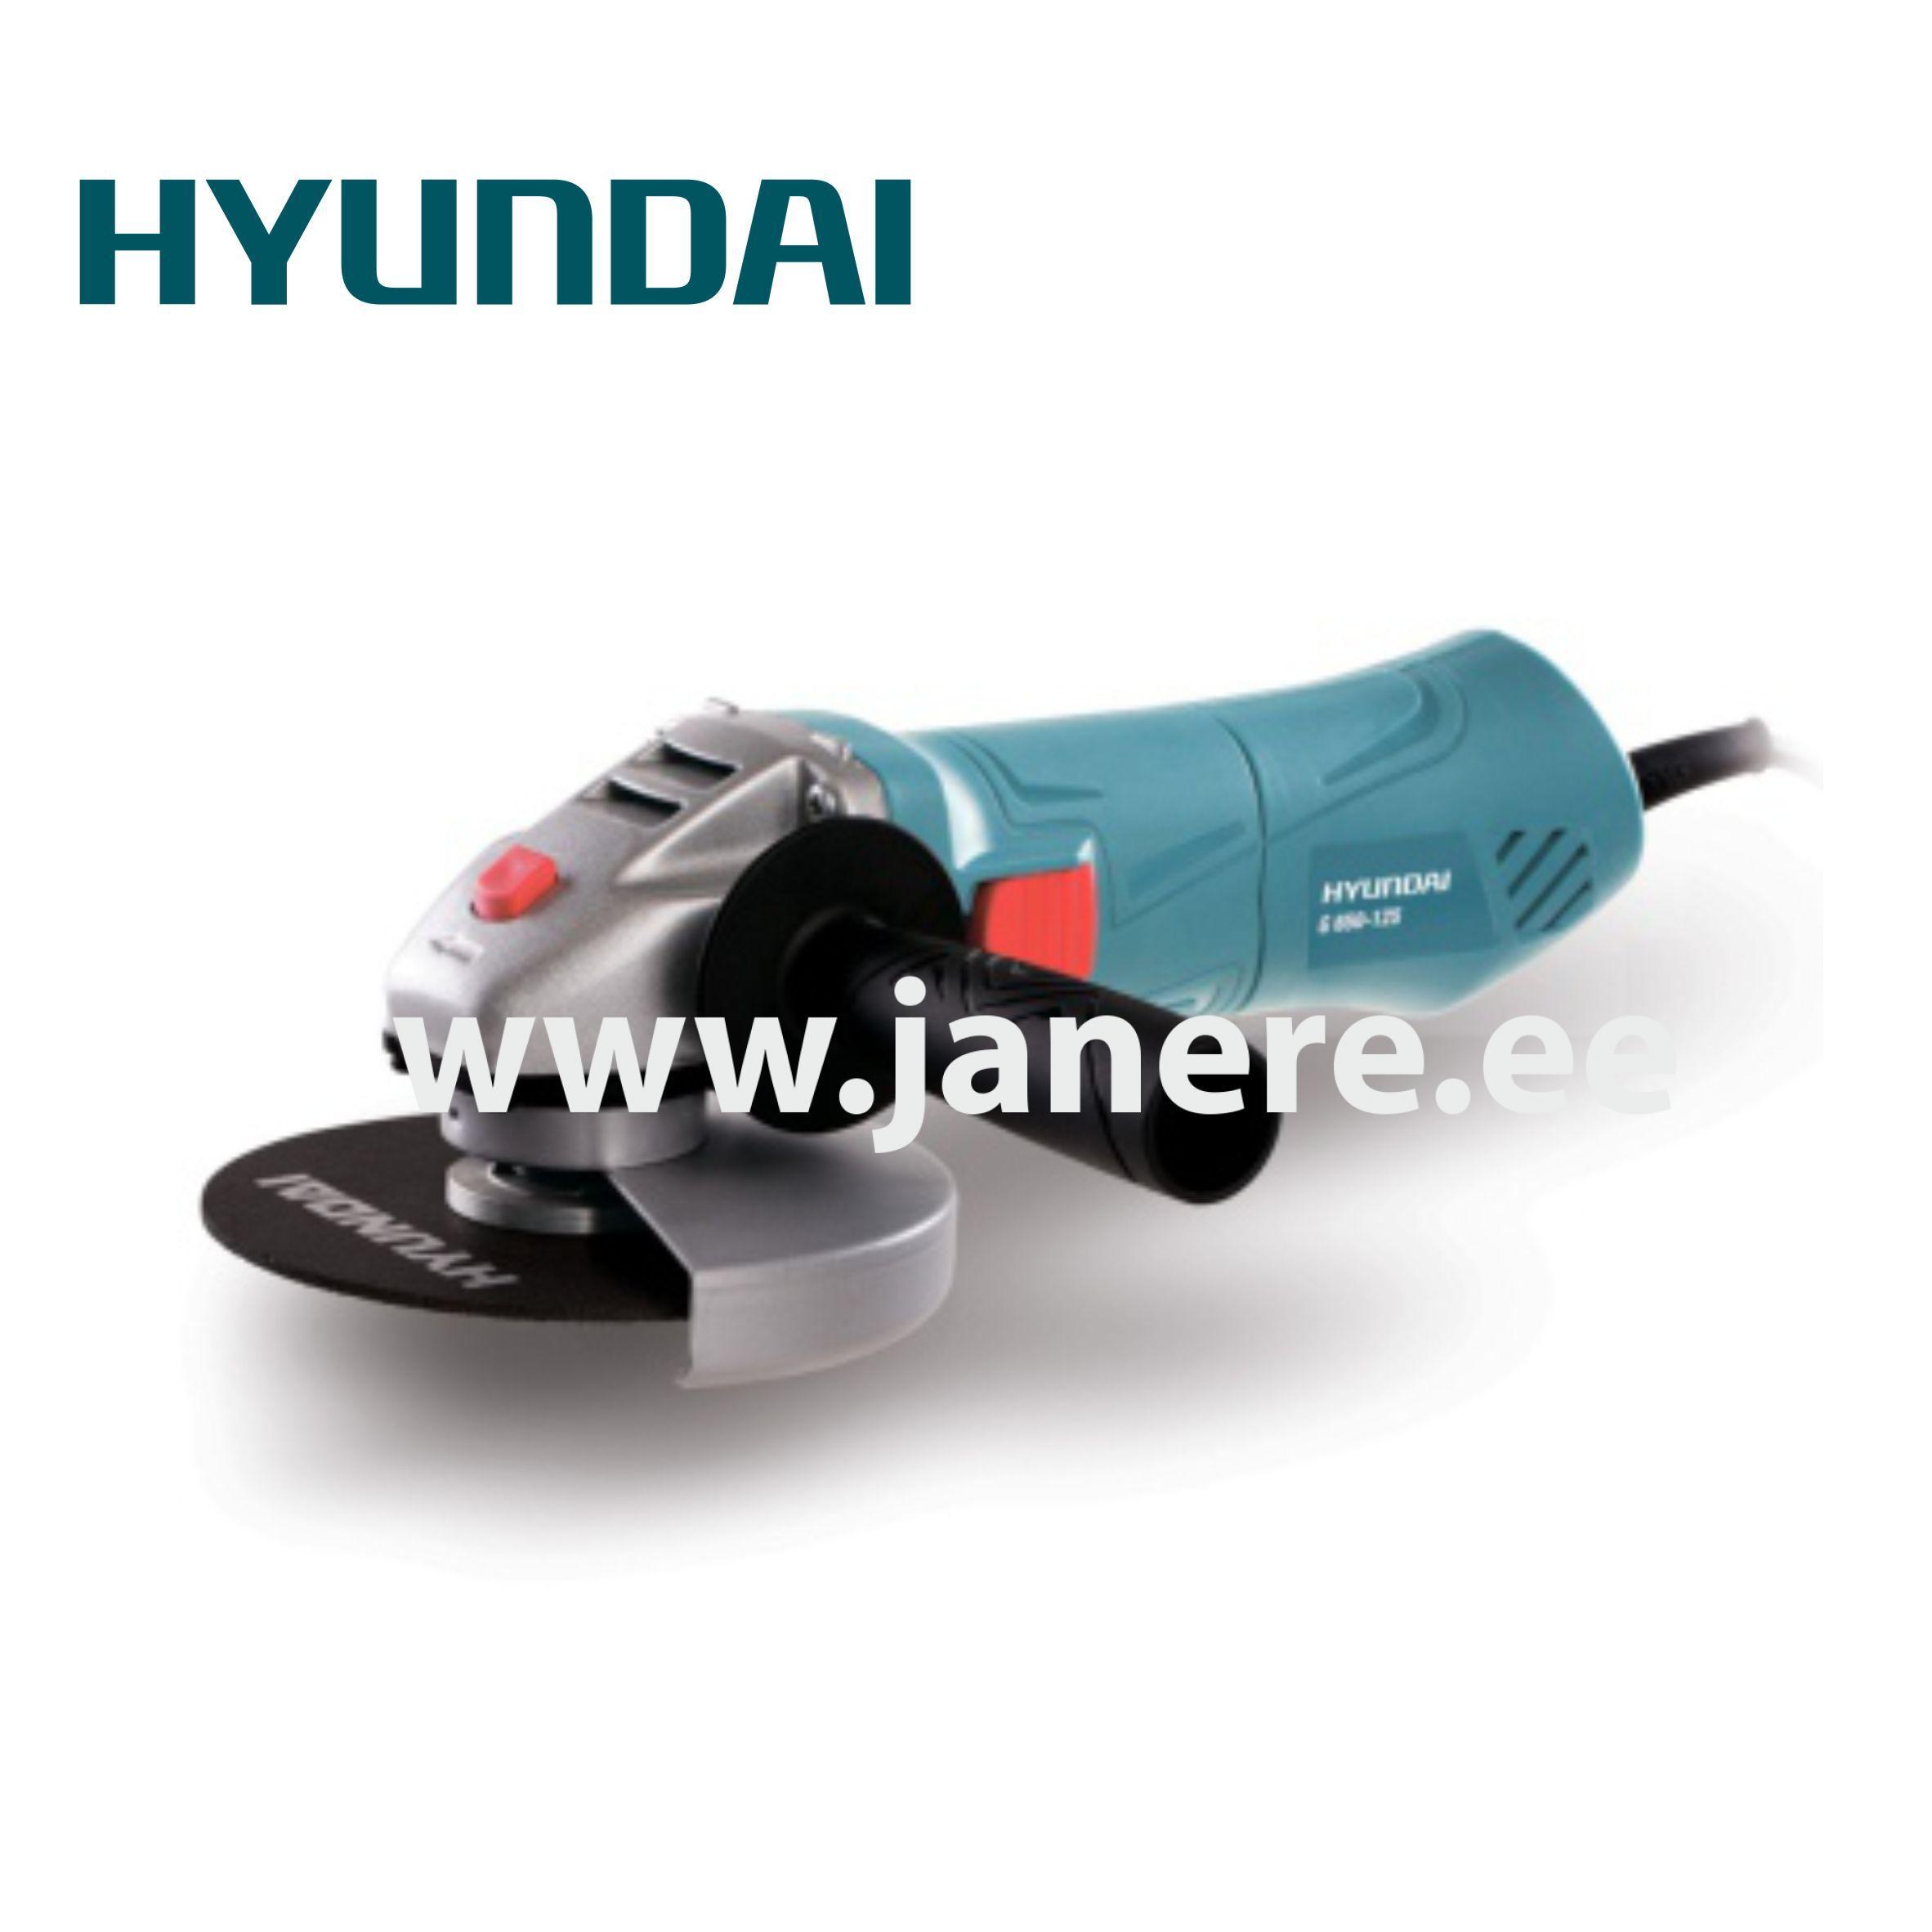 b3863818763 Hyundai nurklihvija - Janere - Kinnitades tulevikku